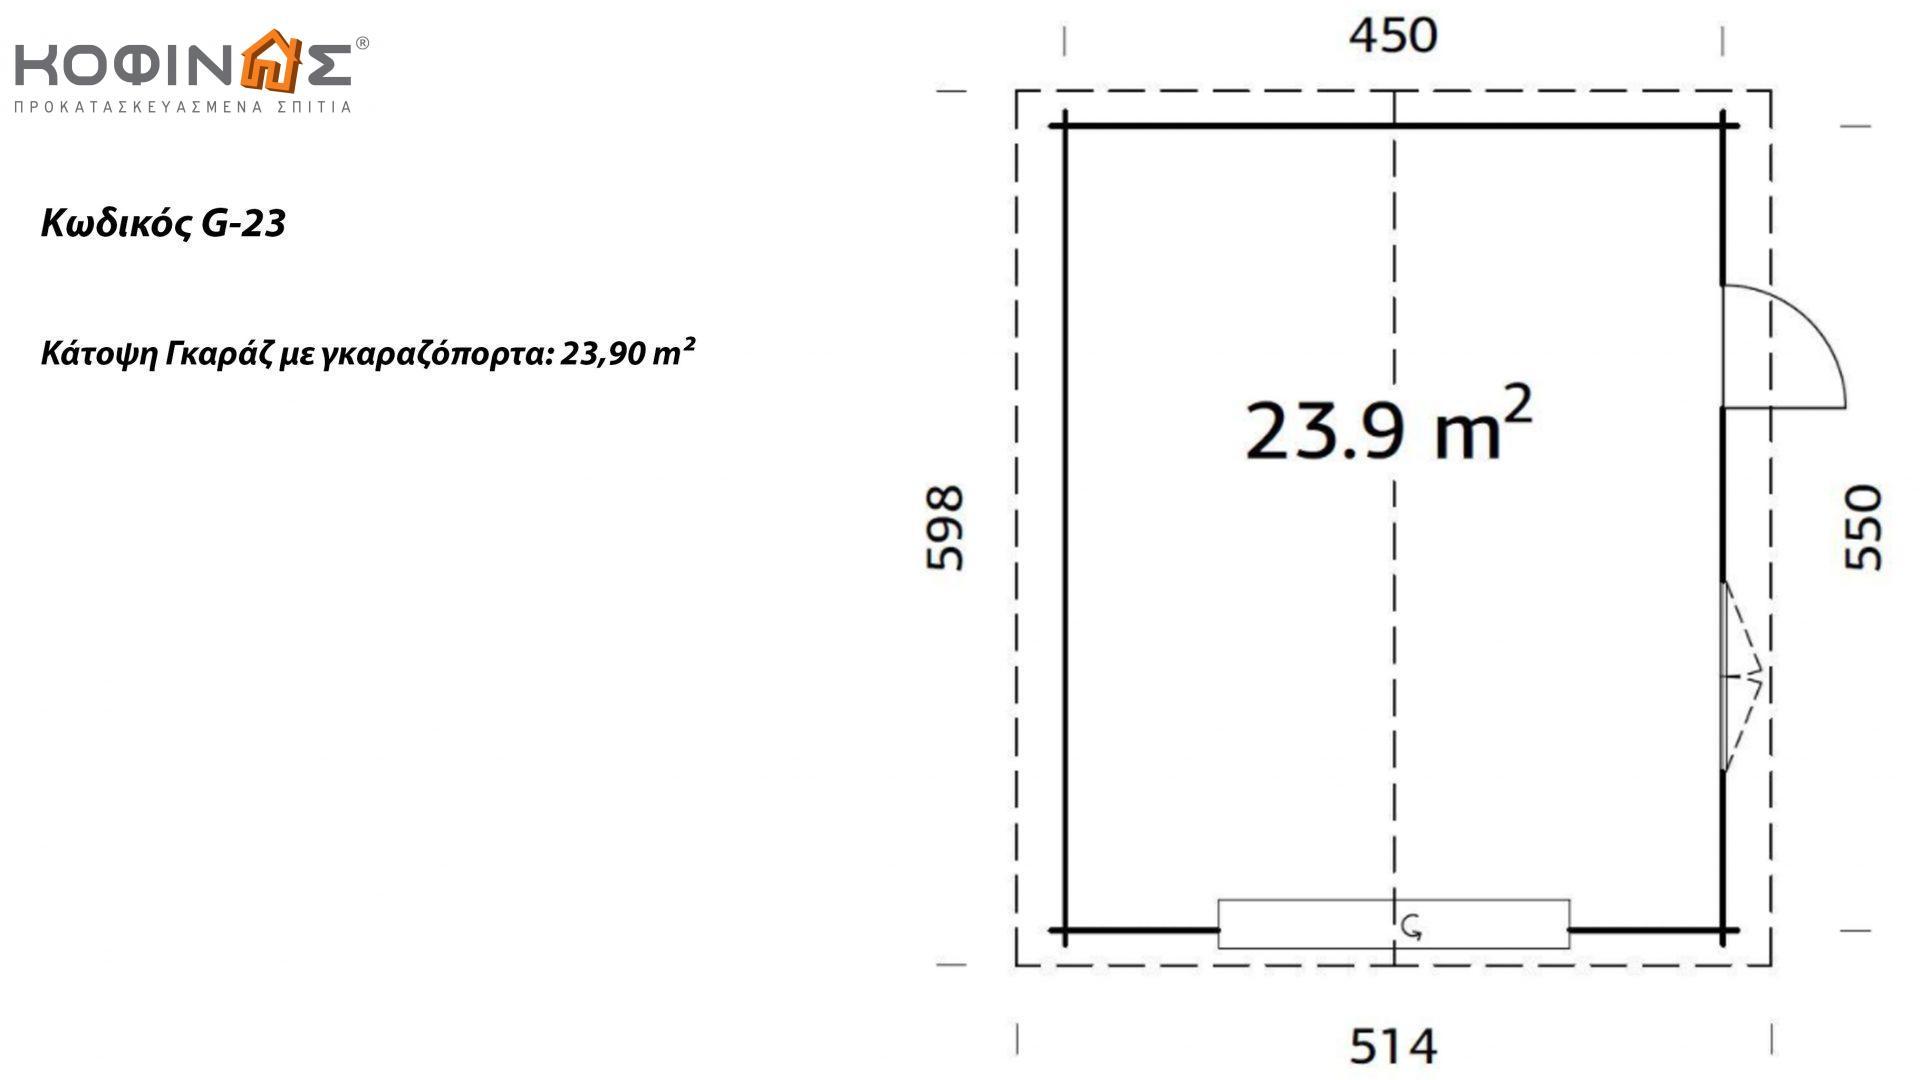 Γκαράζ G-23, συνολικής επιφάνειας 23.90 τ.μ.